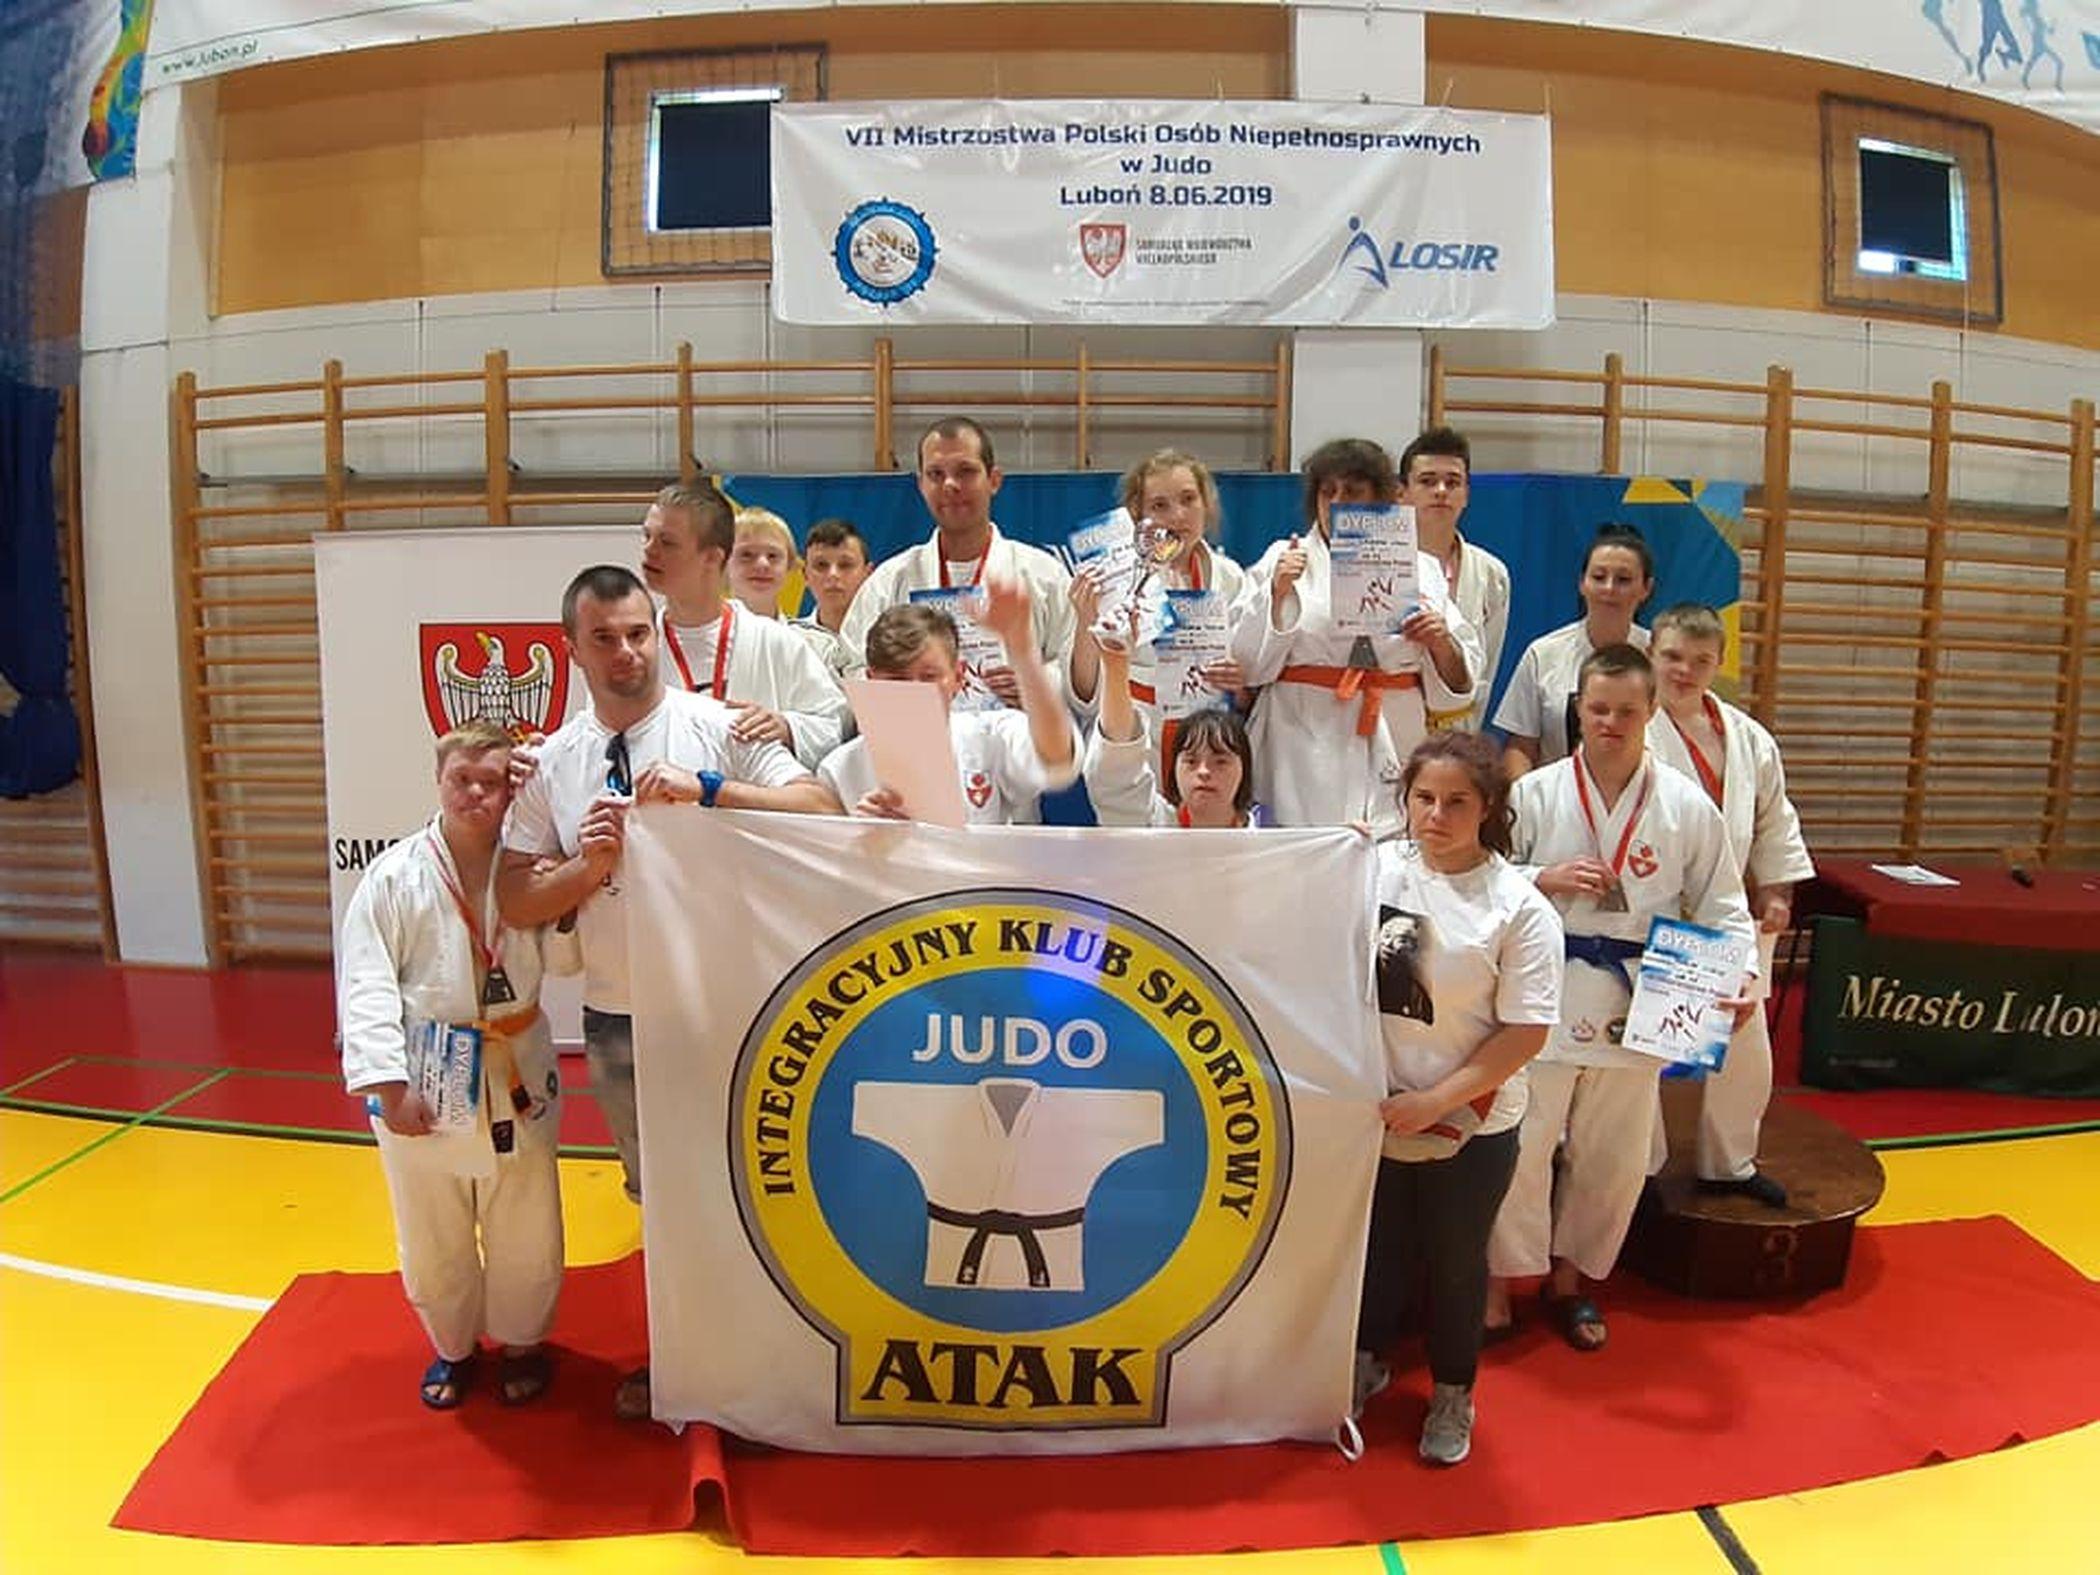 VII Mistrzostwa Polski w Judo